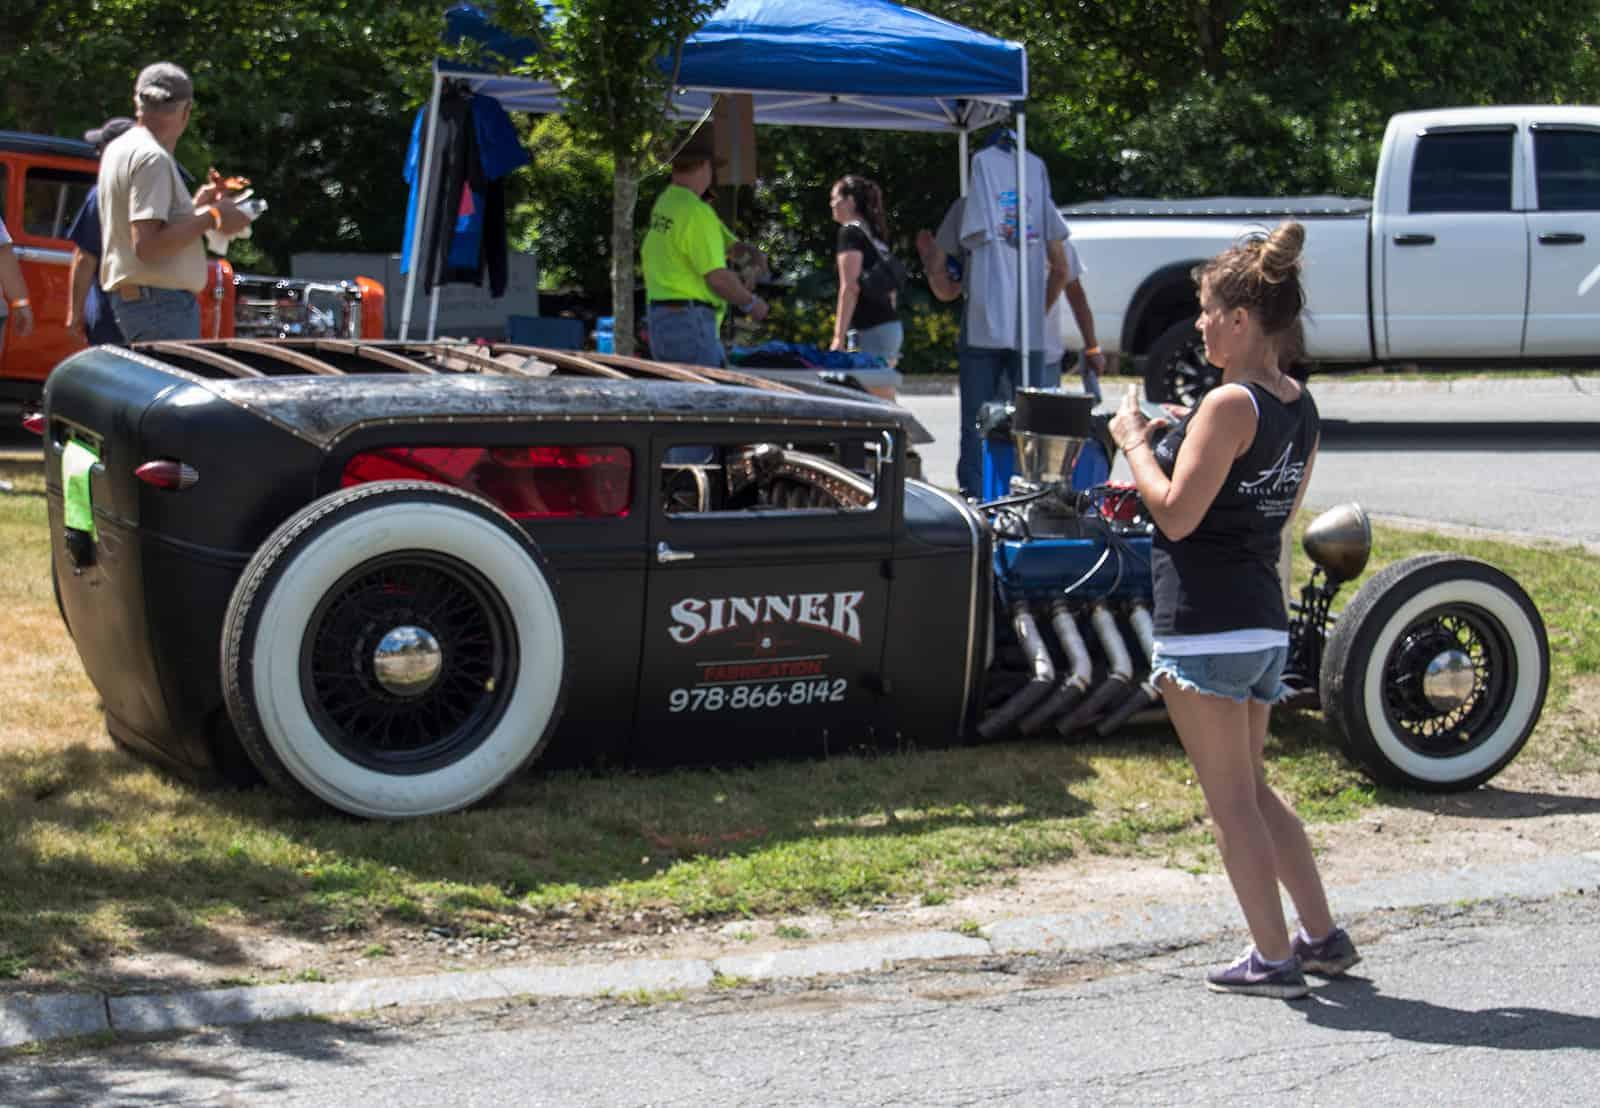 2016 Cars of Summer Black Hot Rod - Sinner